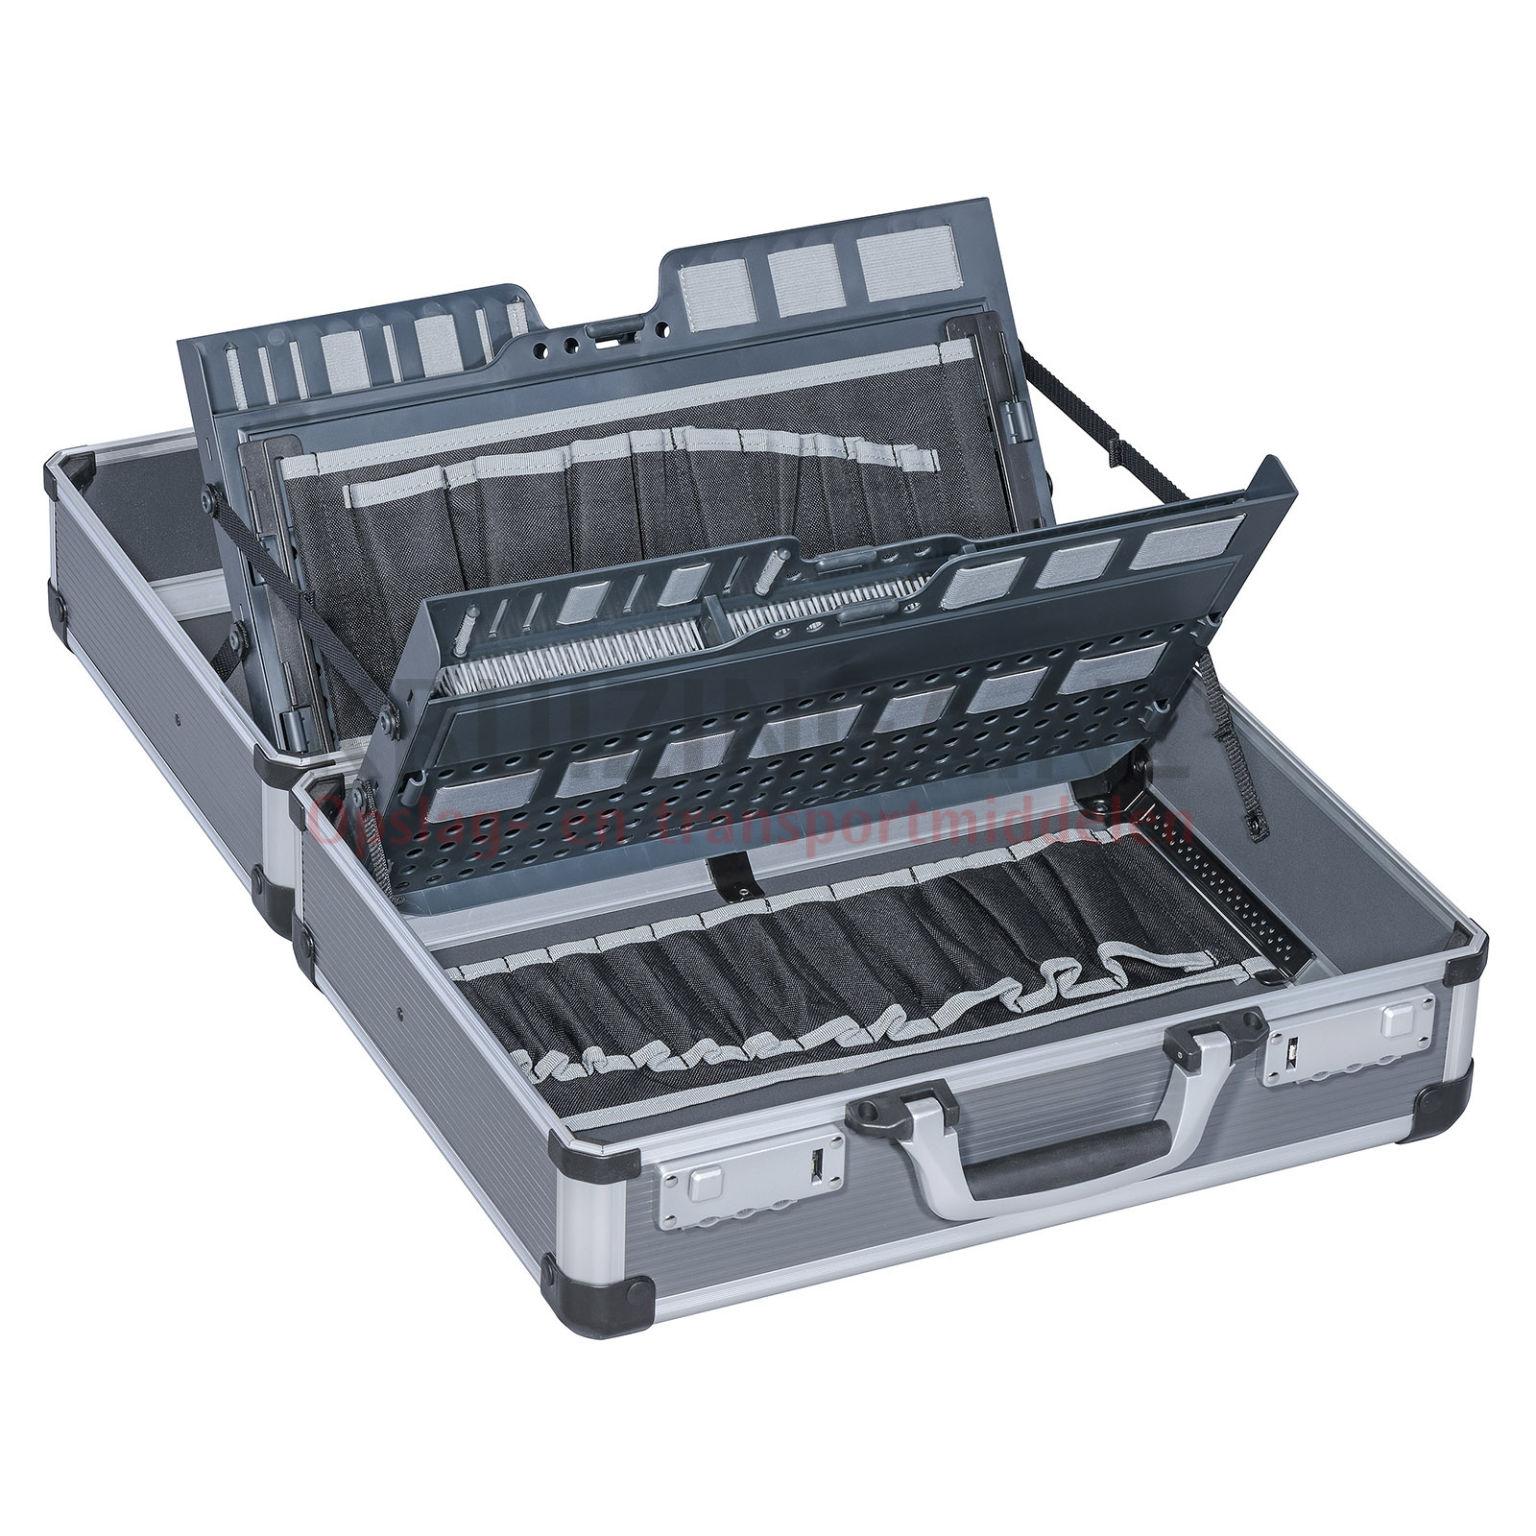 mallette de transport valise technicien avec fermeture combinaison partir de 81 75 frais. Black Bedroom Furniture Sets. Home Design Ideas